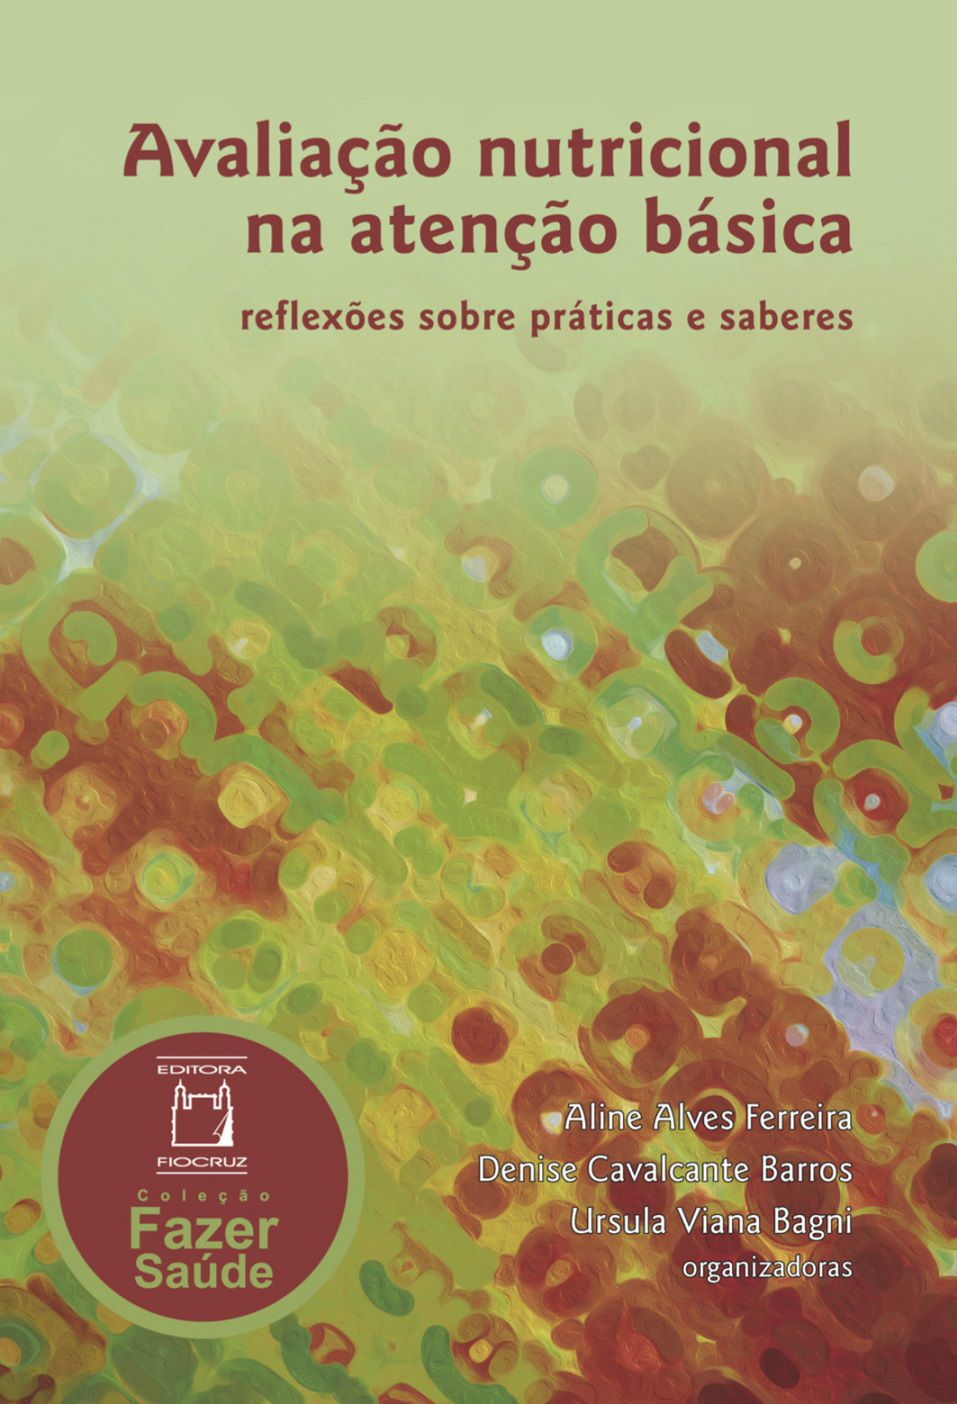 Avaliação nutricional na atenção básica reflexões sobre práticas e saberes  - Livraria Virtual da Editora Fiocruz